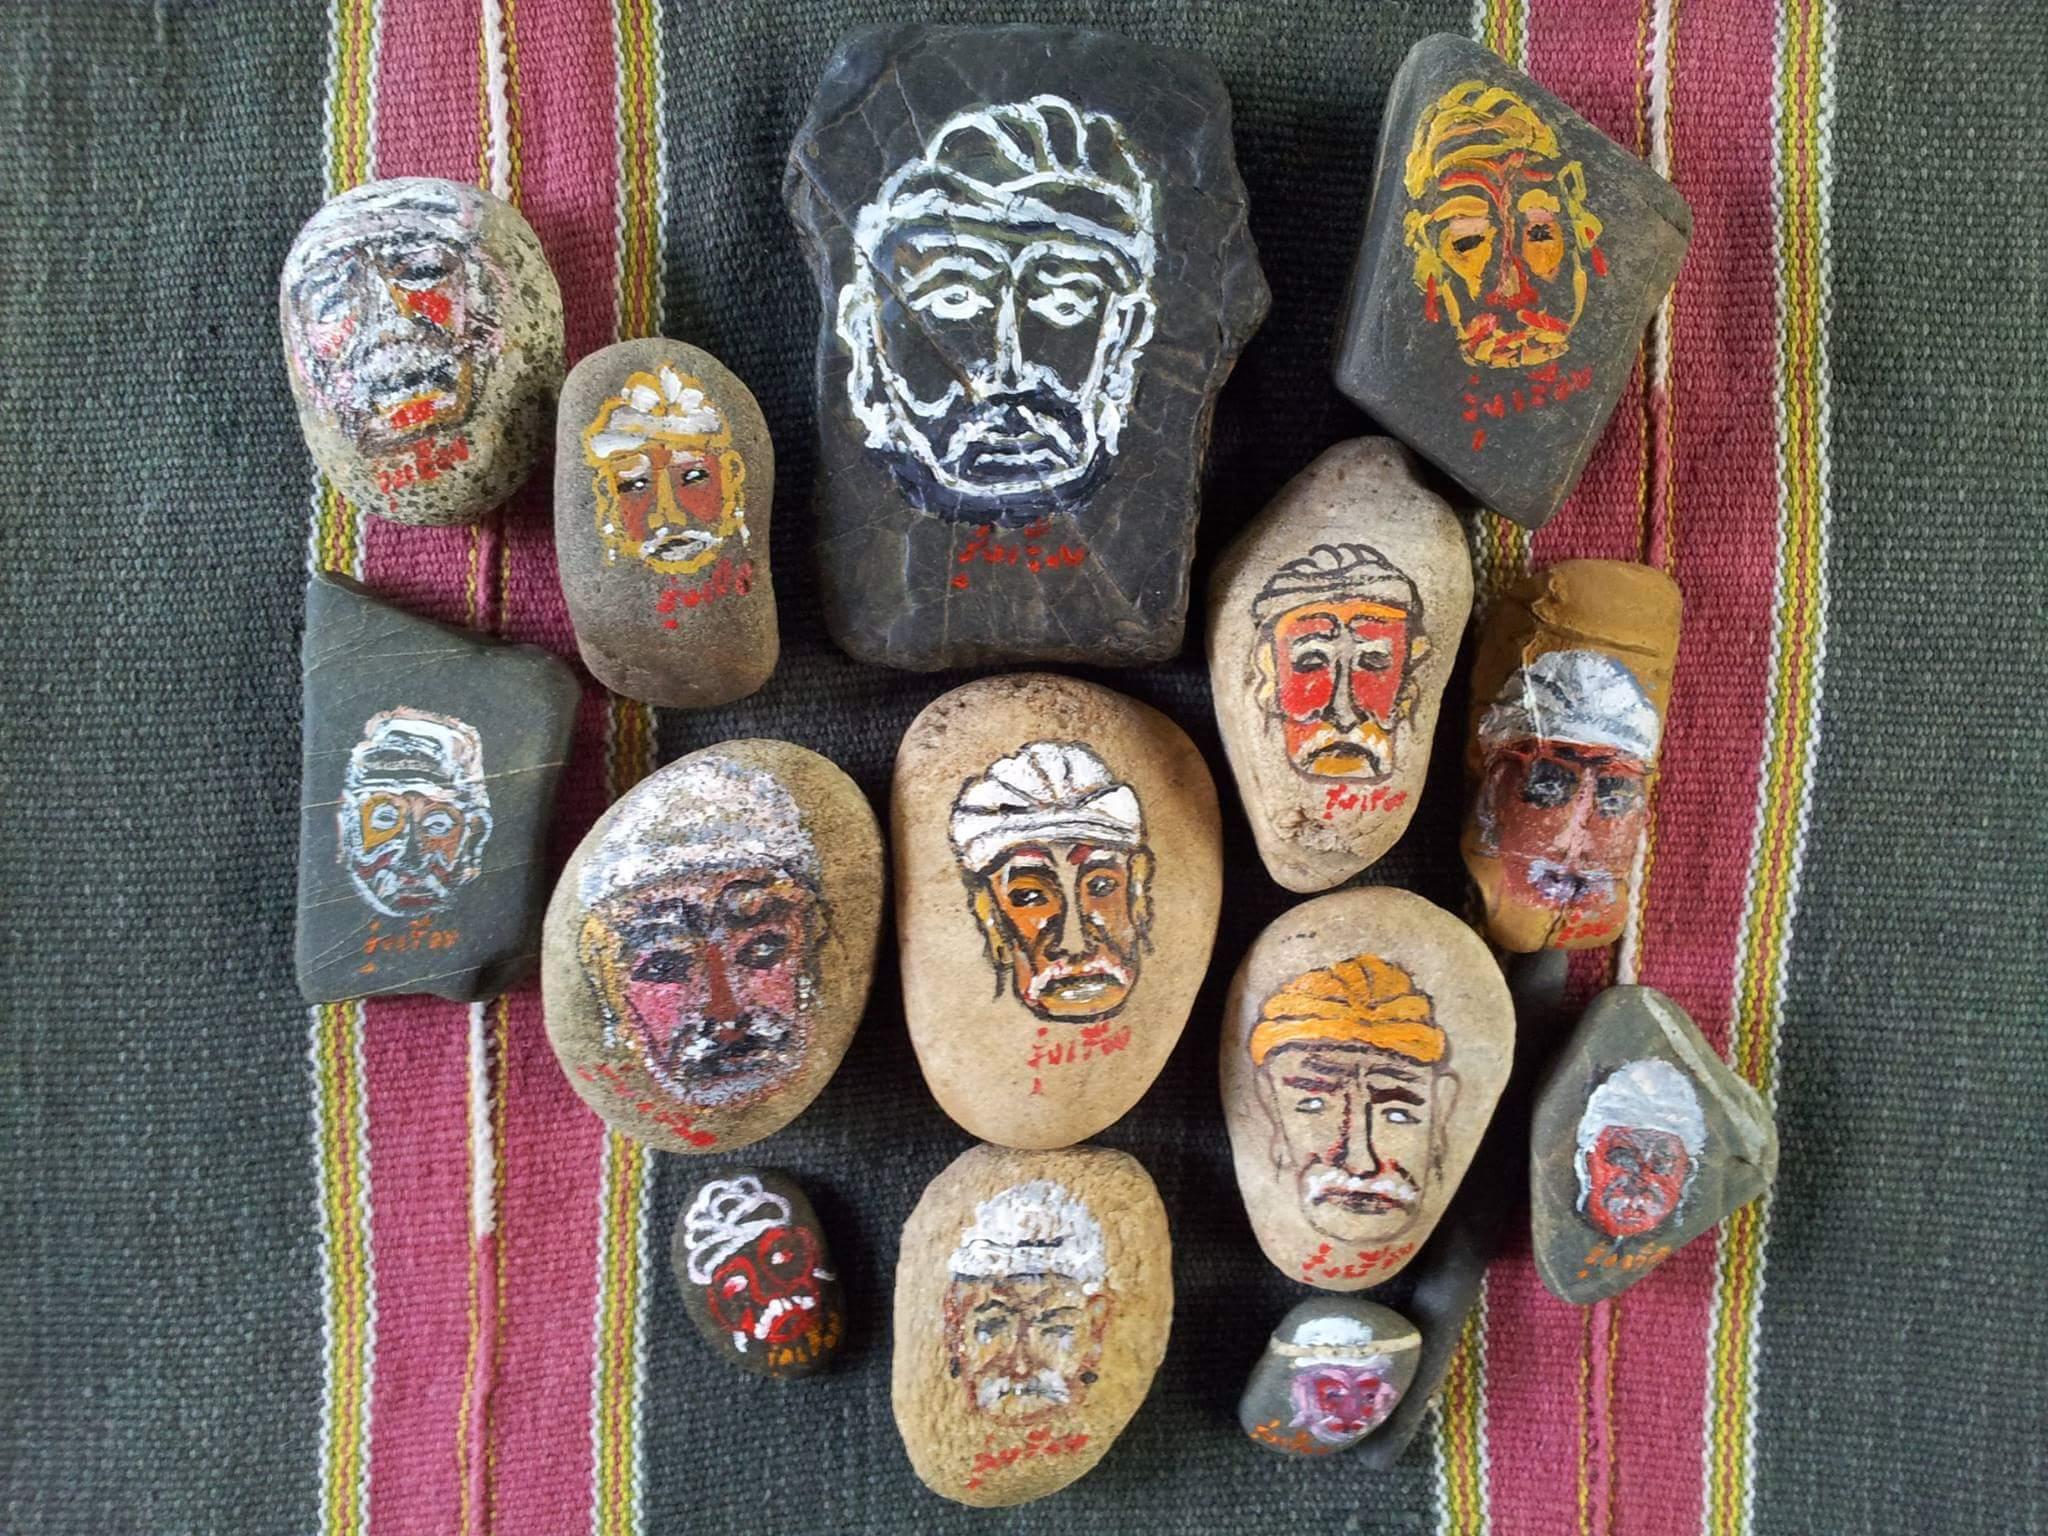 ภาพเขียนปู่คดออี้บนก้อนหินริมแม่น้ำปายโดยรุ่งเรือง ปรีชากุล